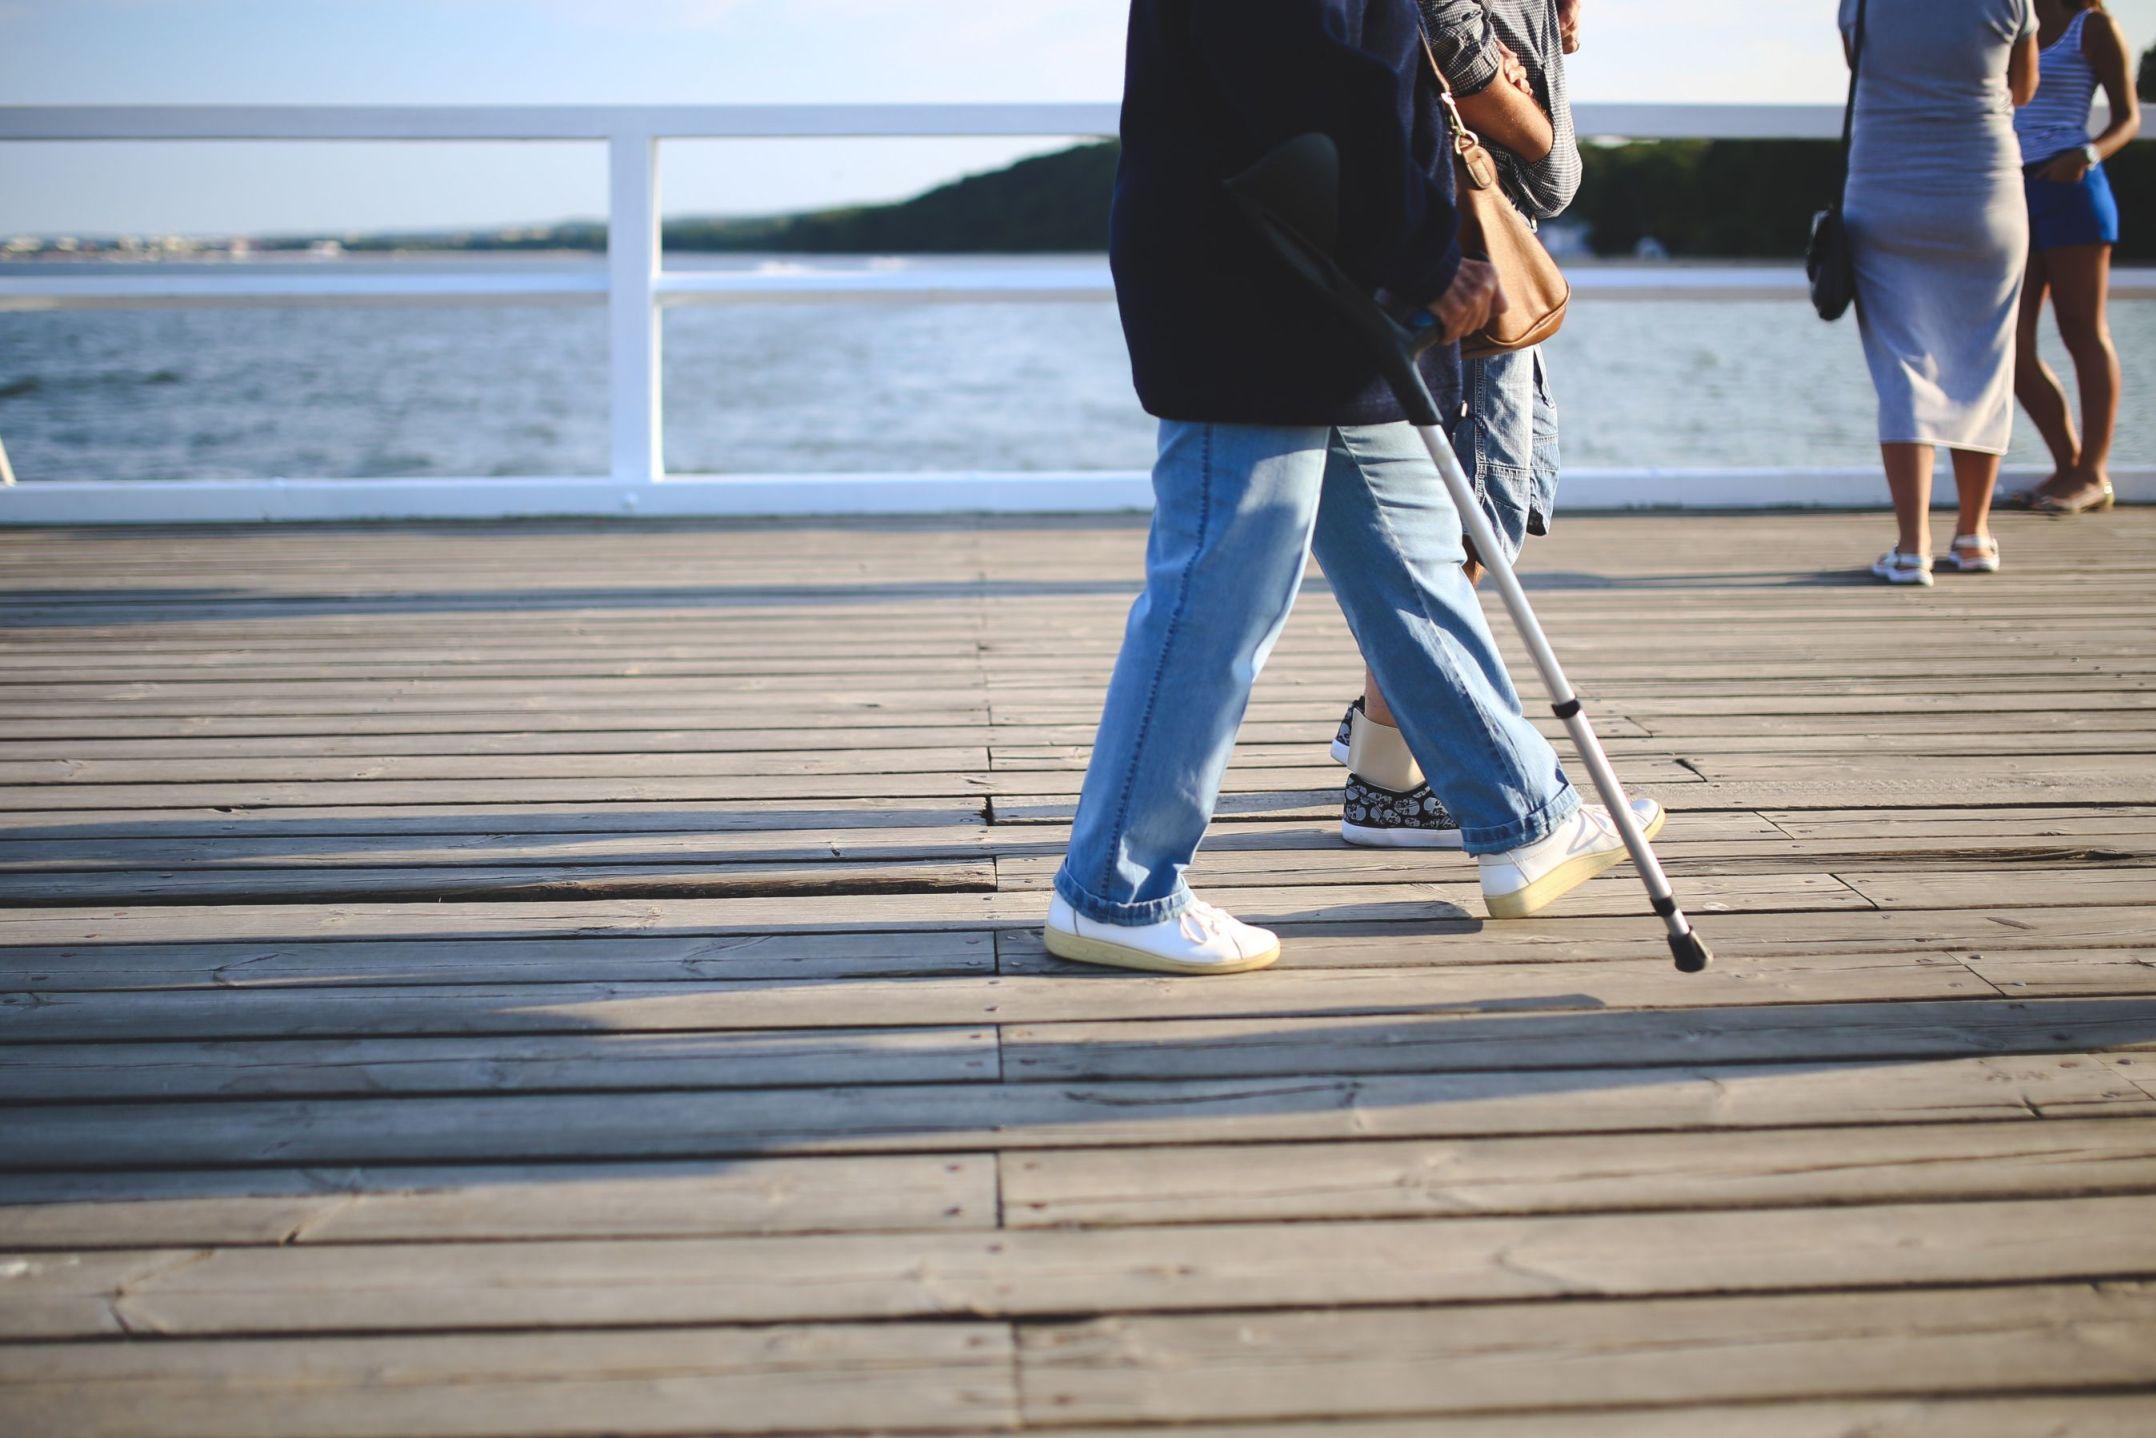 新陳代謝第一名醫林款帶:給糖尿病患者的「飲食」與「運動」建議